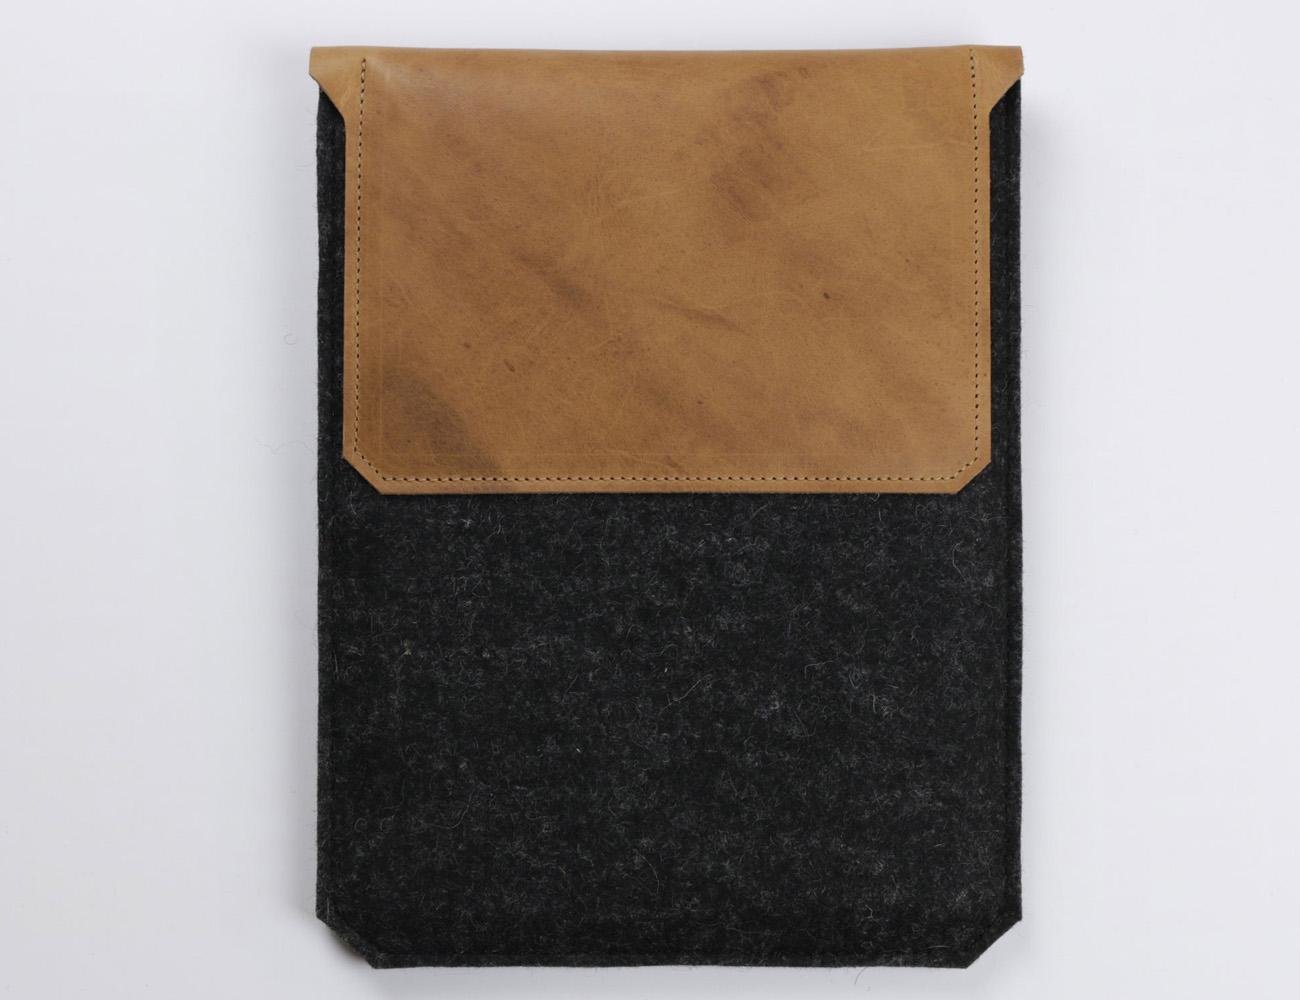 Leather and Felt iPad Air Sleeve by Alexej Nagel